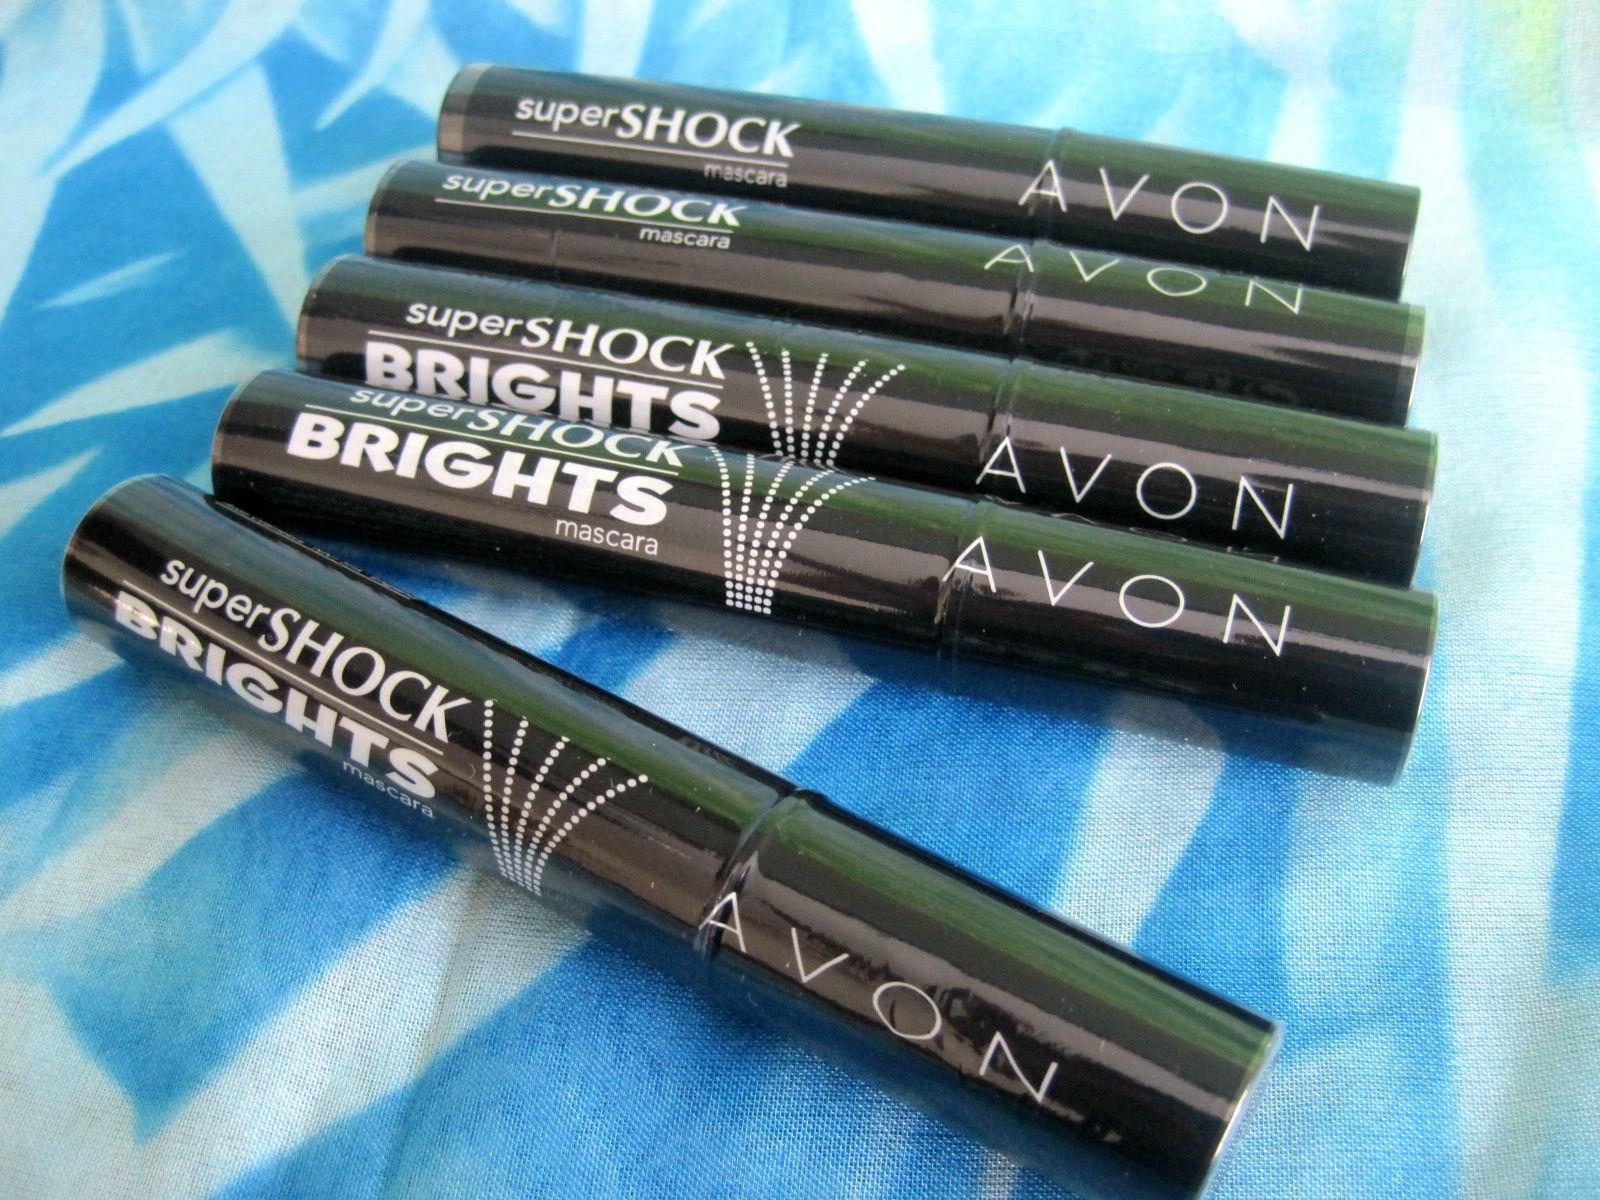 Avon super Shock, Avon supershock brights, mixoflife